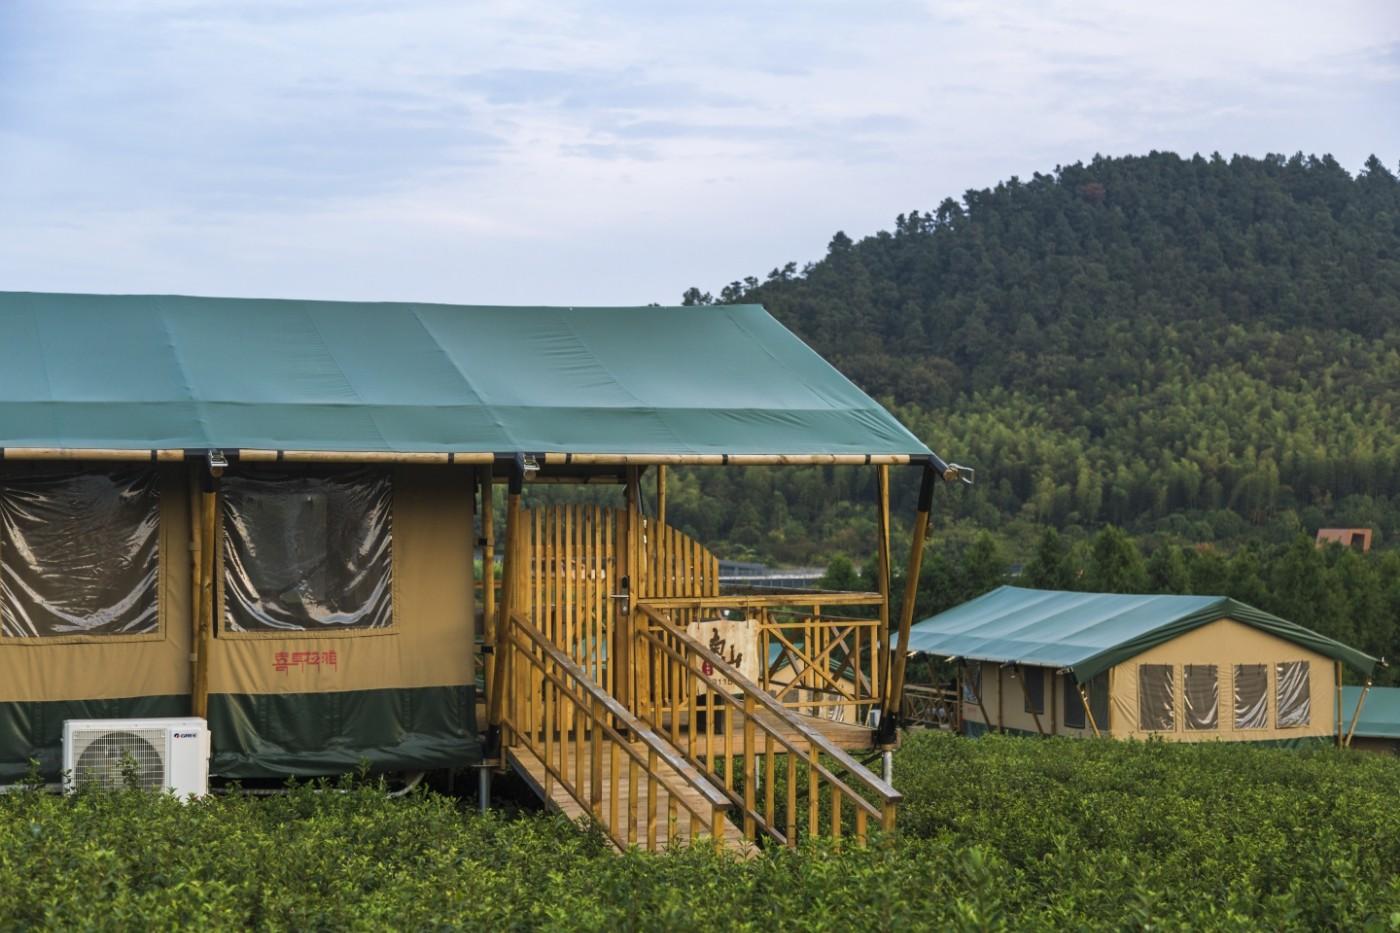 喜马拉雅野奢帐篷酒店—宝盛园夜色10